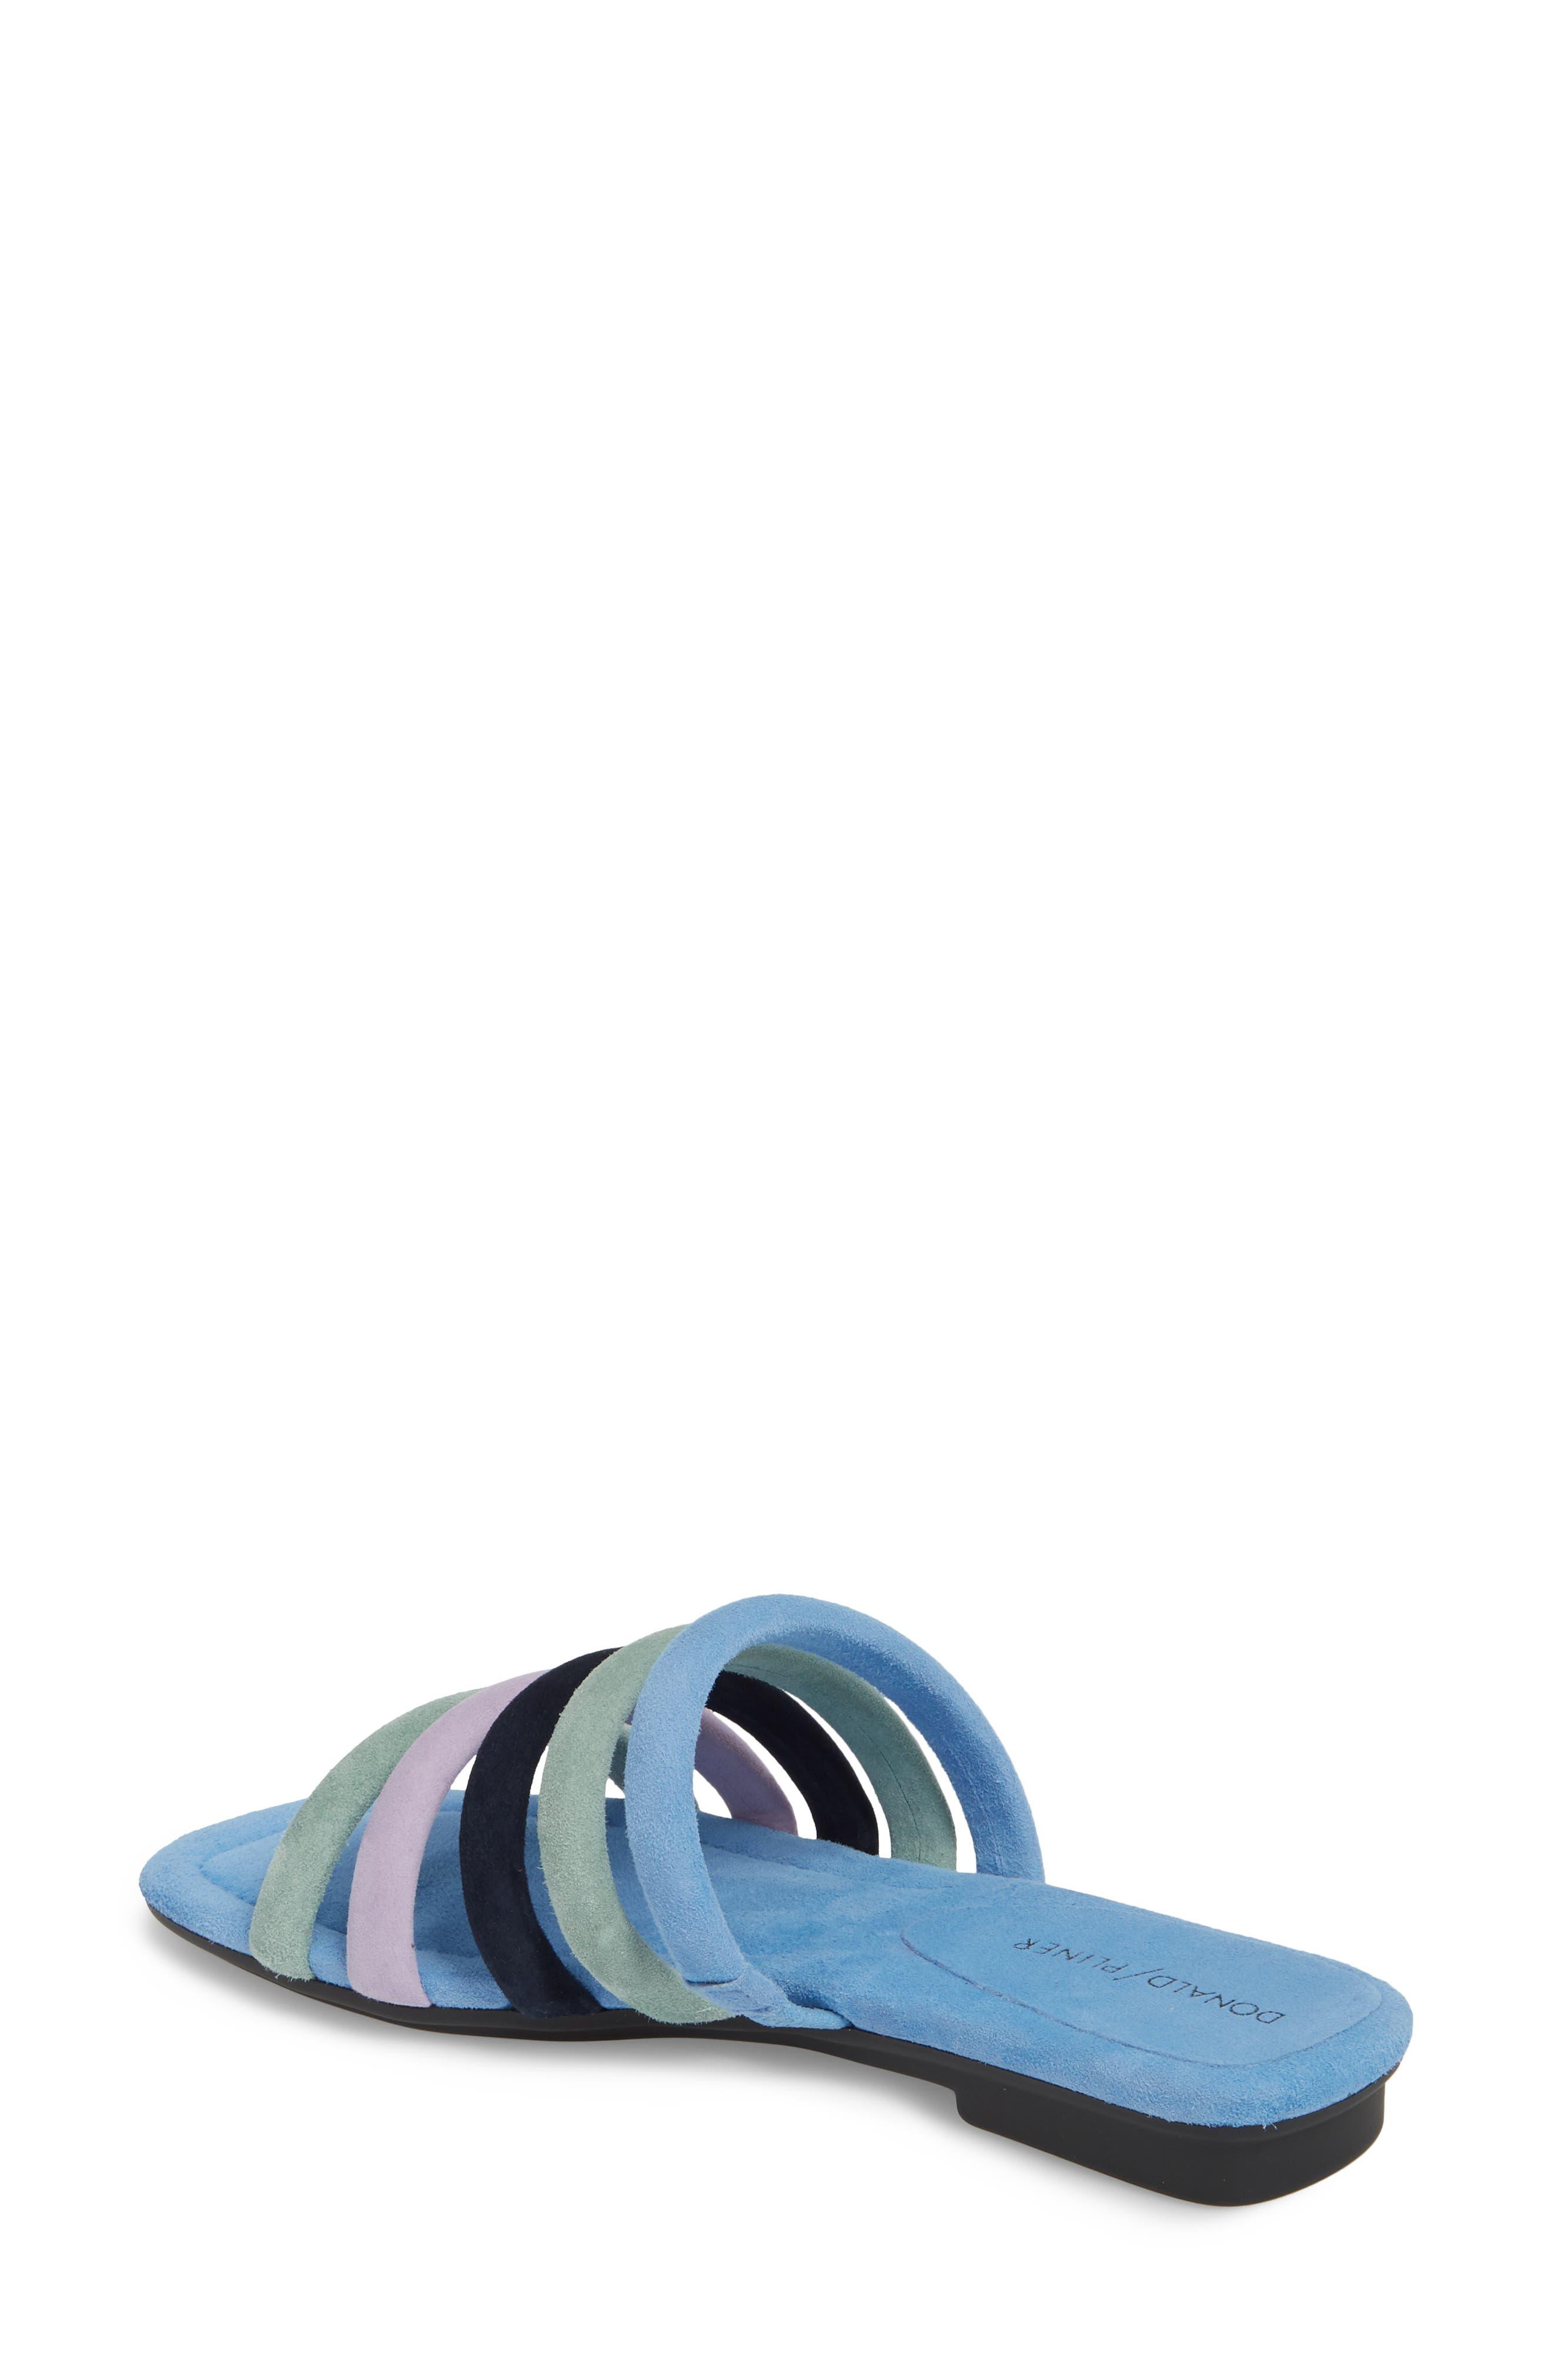 Kip Slide Sandal,                             Alternate thumbnail 2, color,                             Sage/ Blue Leather